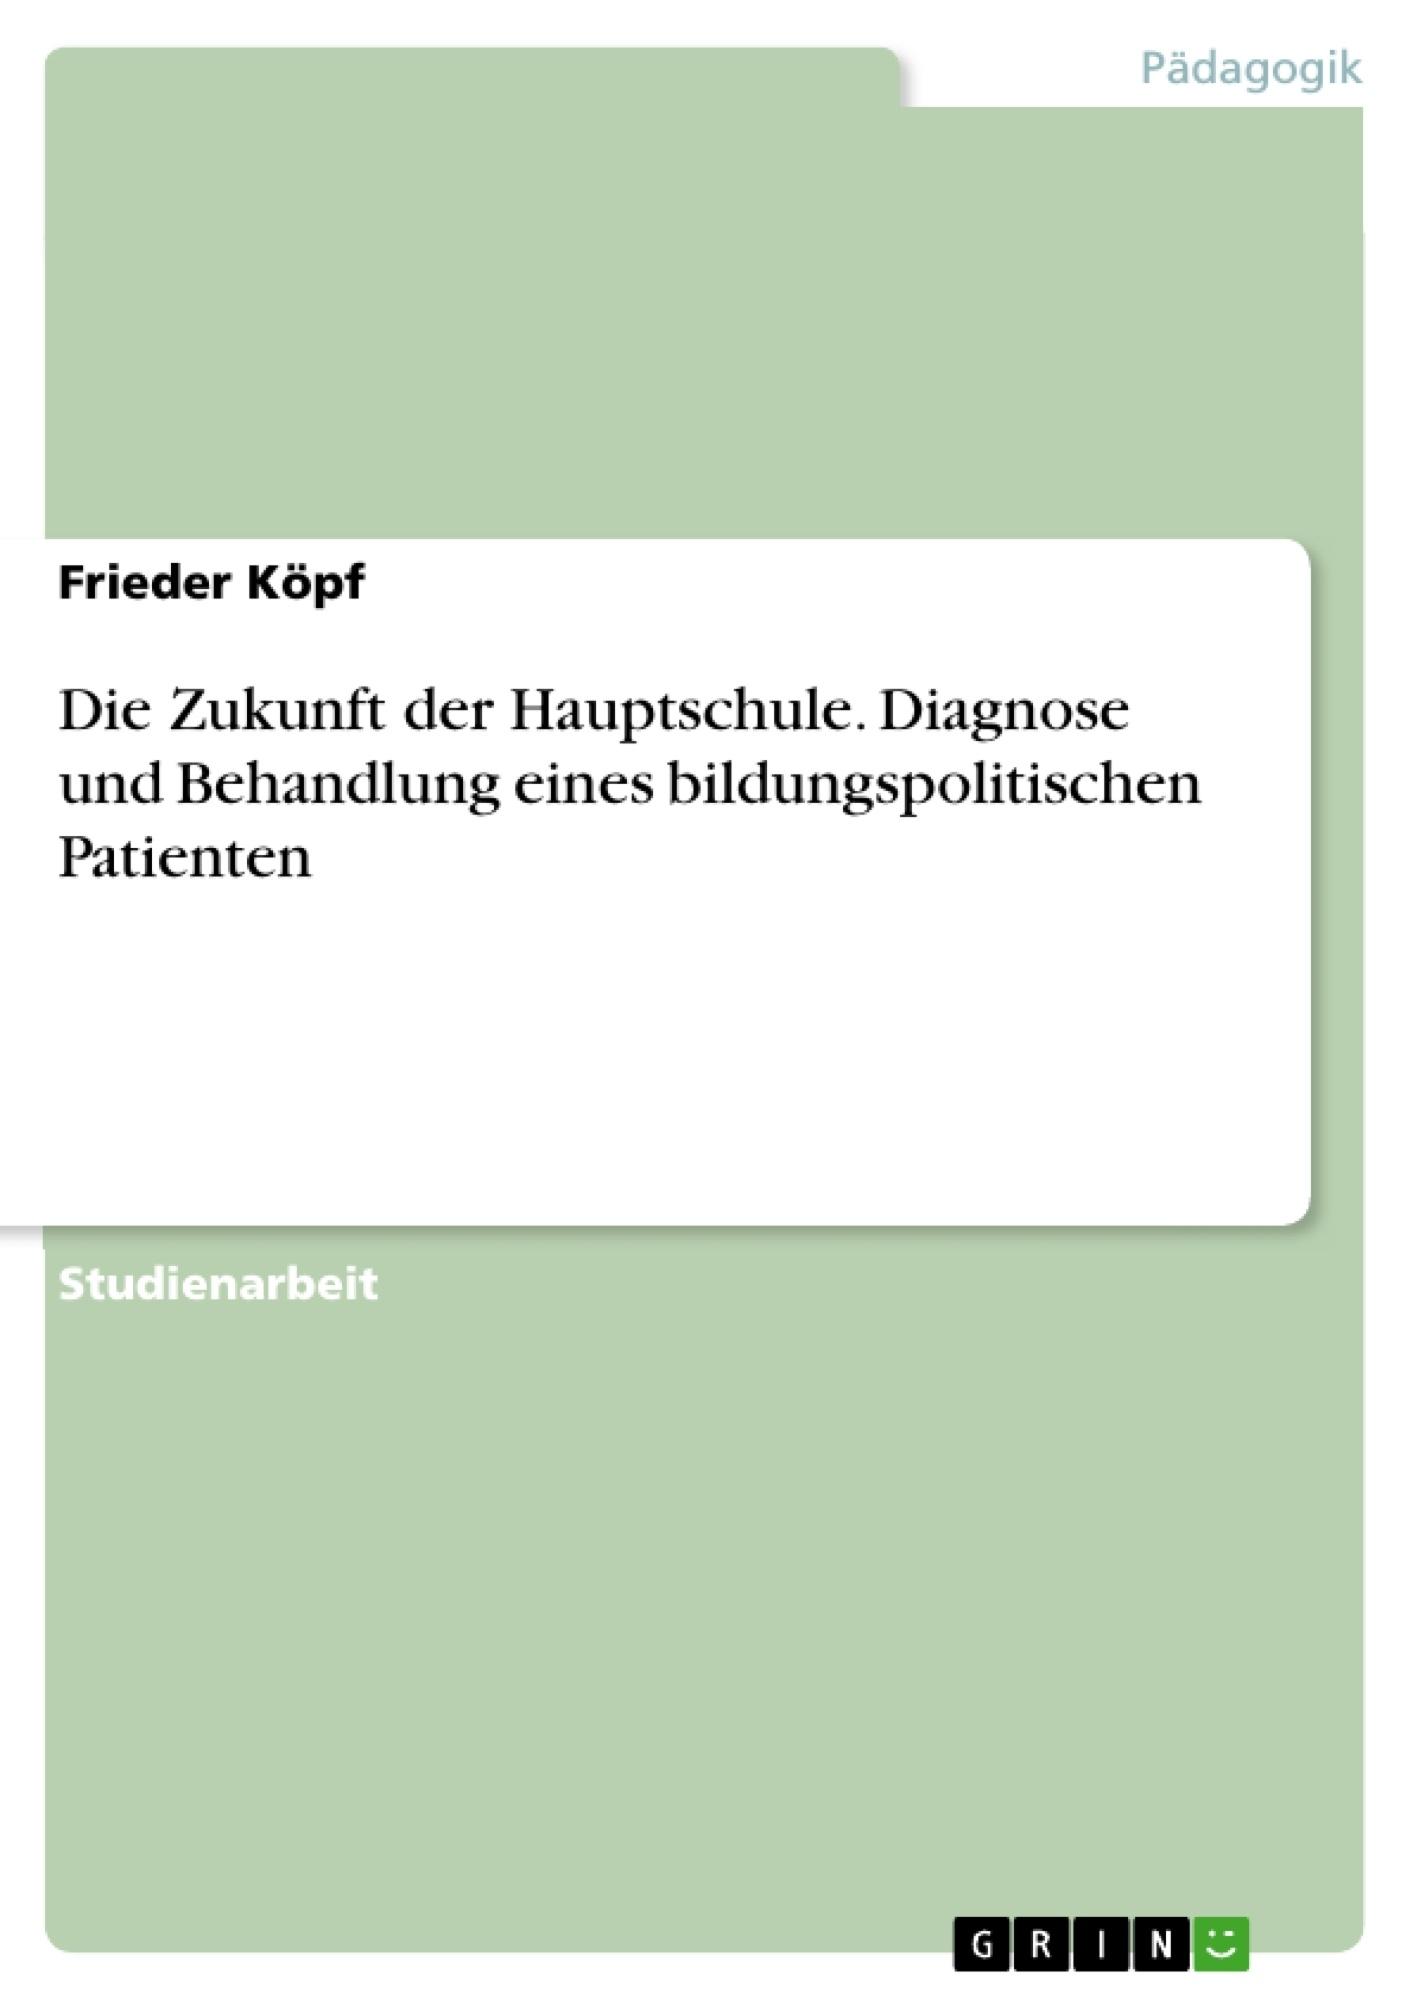 Titel: Die Zukunft der Hauptschule. Diagnose und Behandlung eines bildungspolitischen Patienten